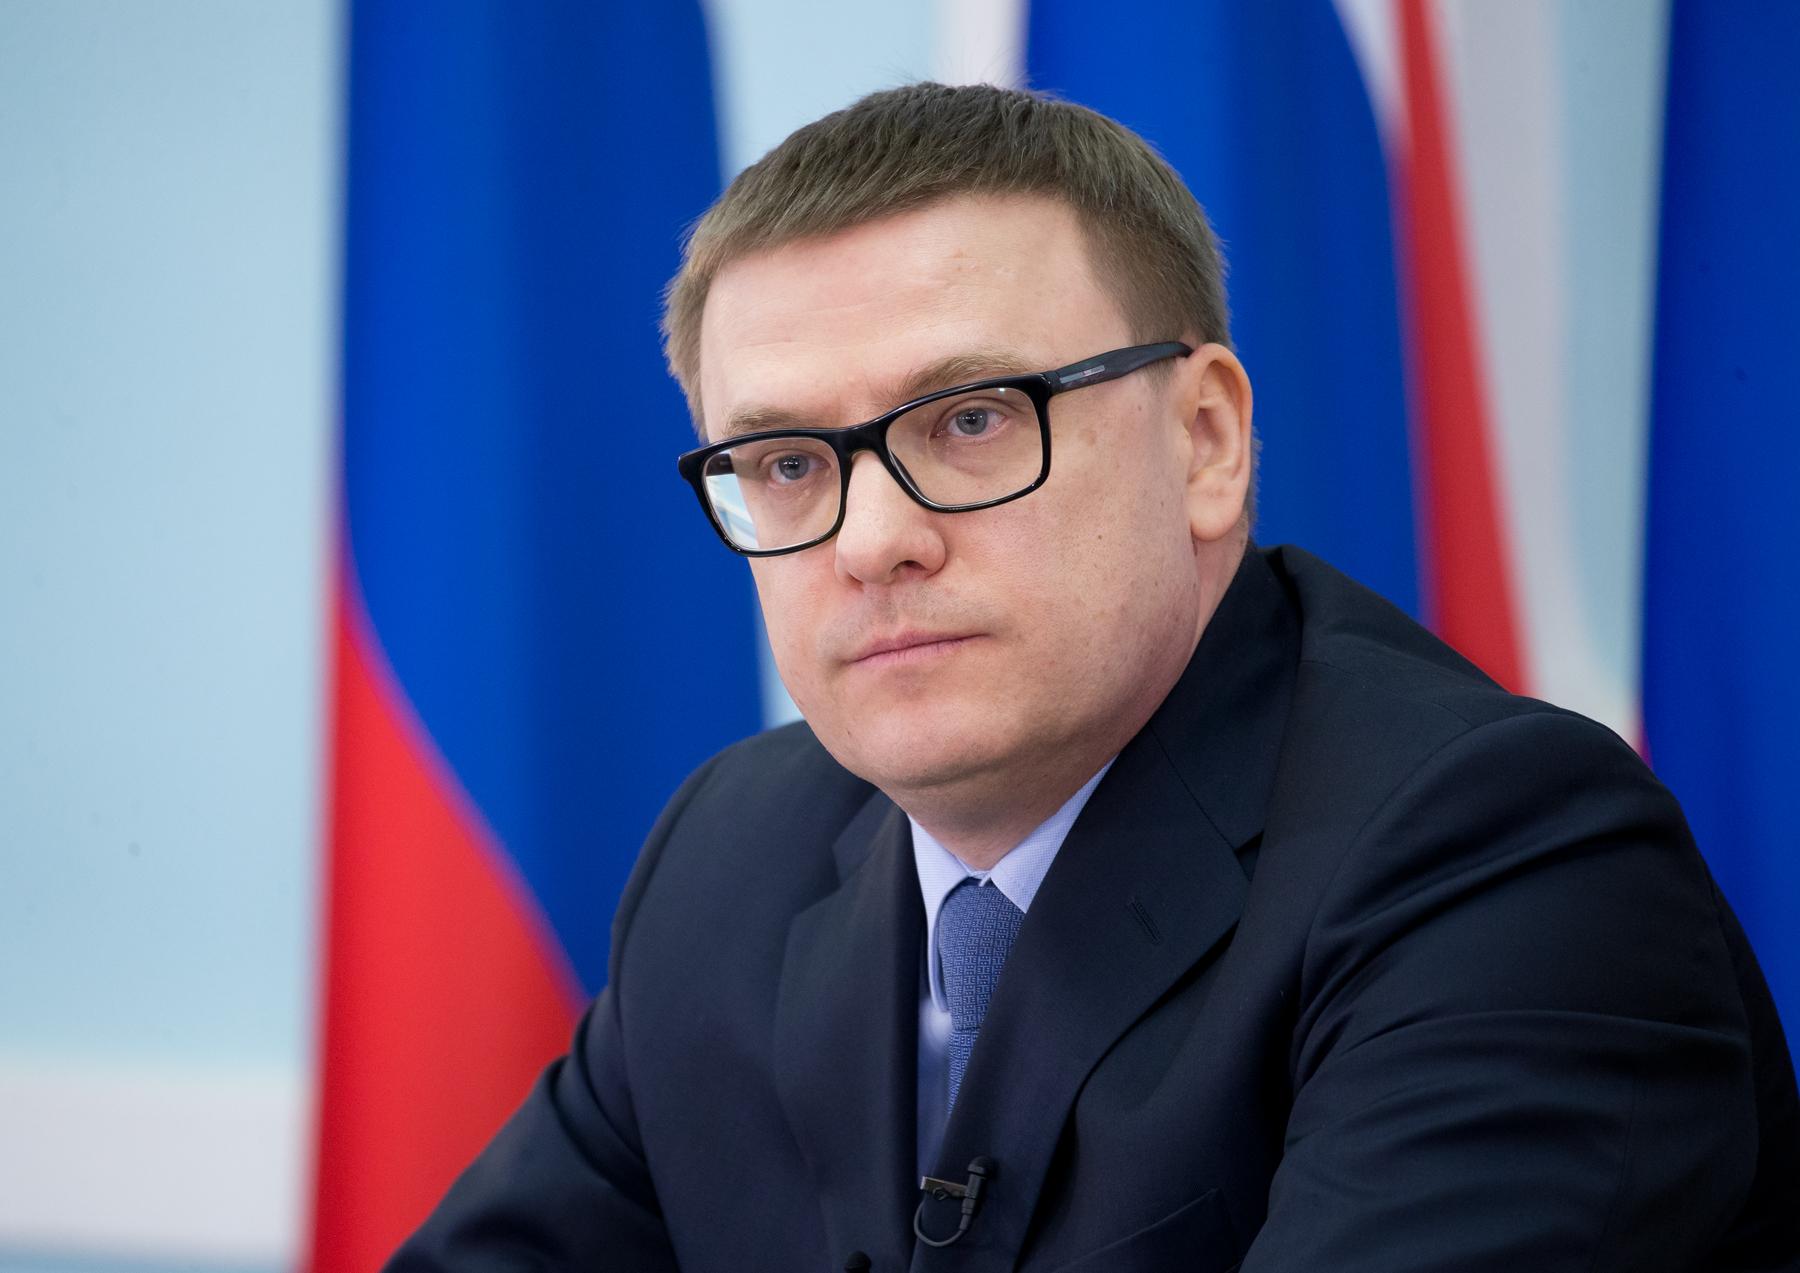 Временно исполняющий обязанности губернатора Челябинской области готов принимать кадровые решения